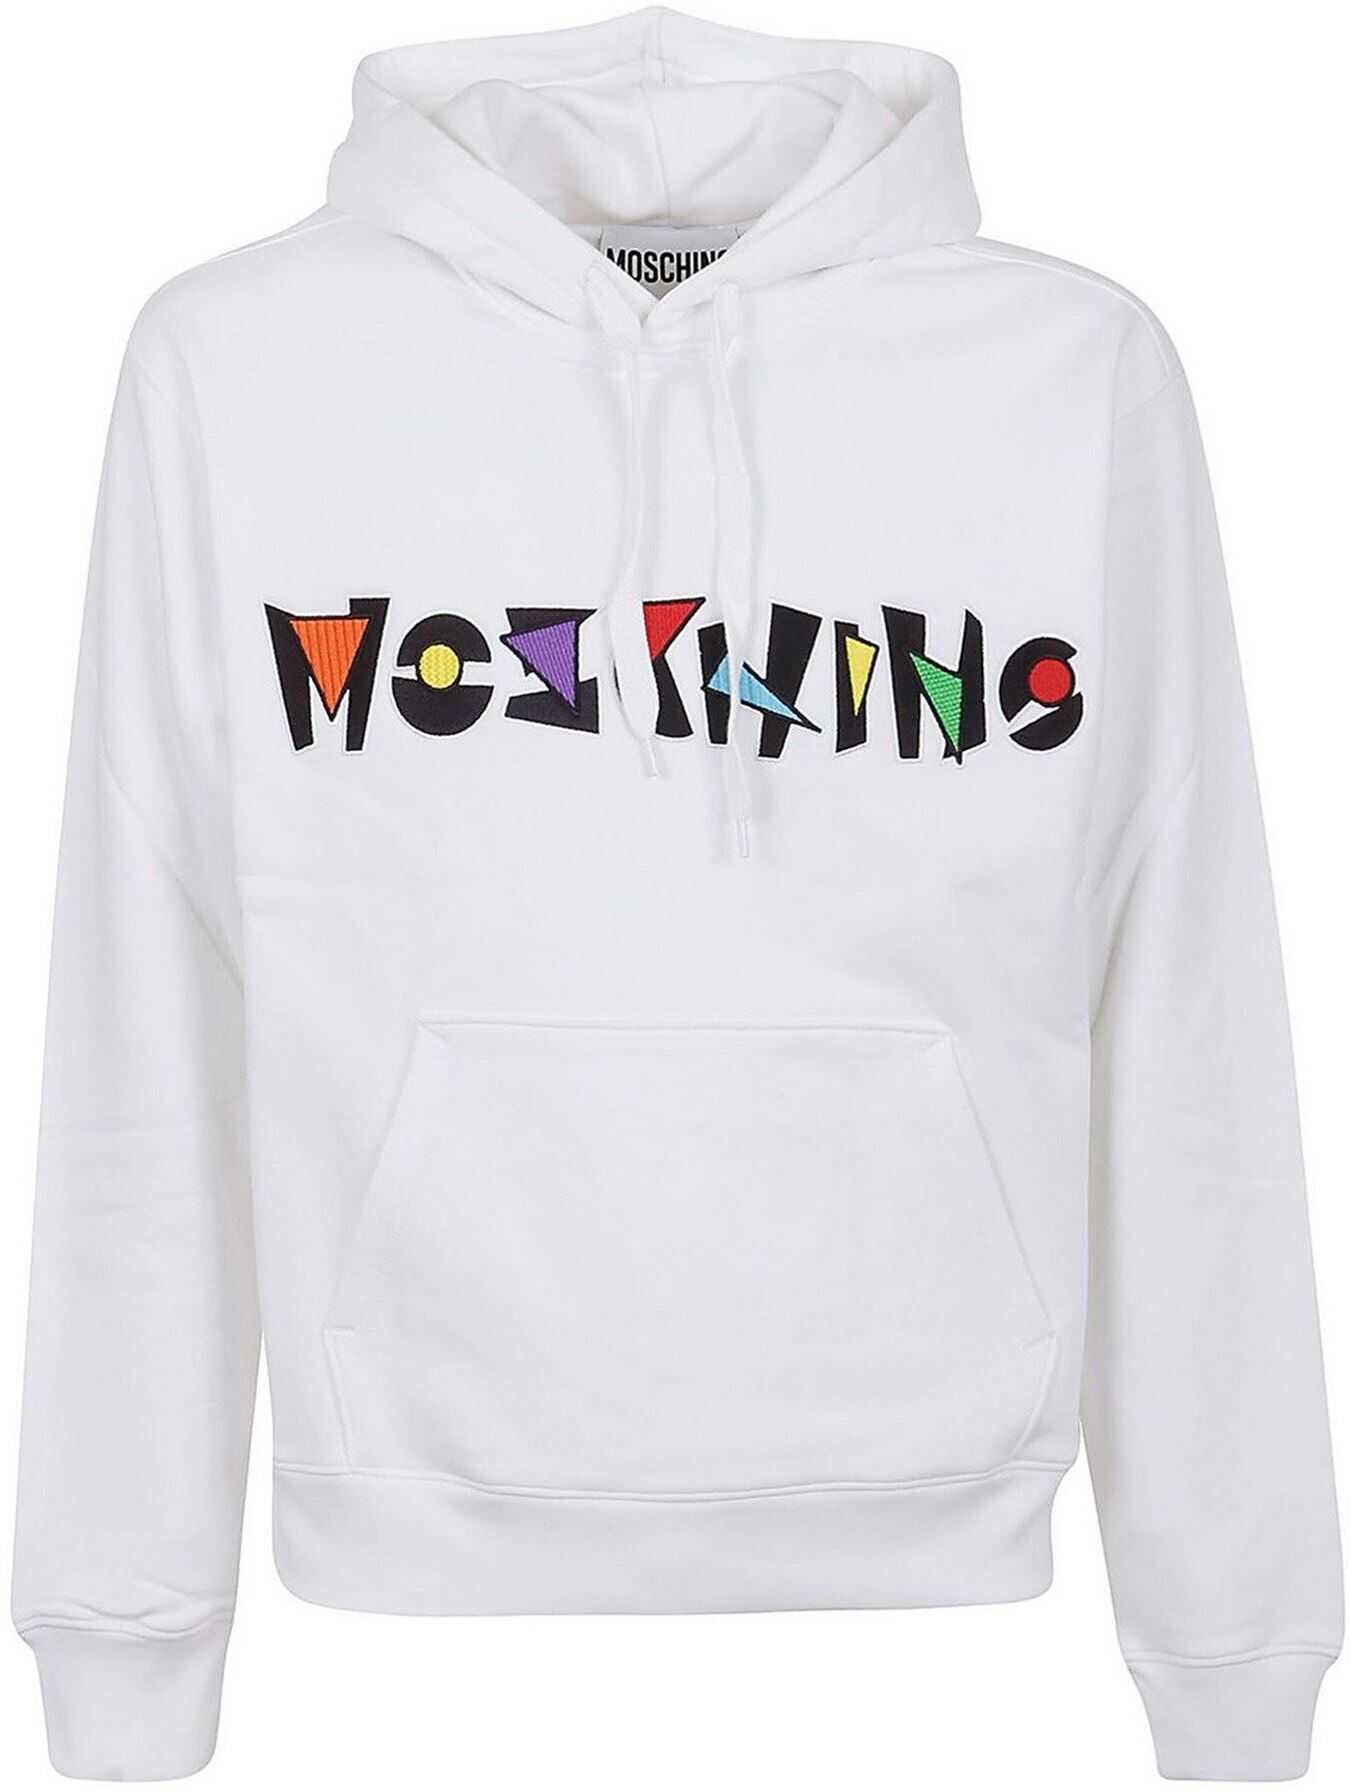 Moschino Geometric Logo Hoodie In White White imagine